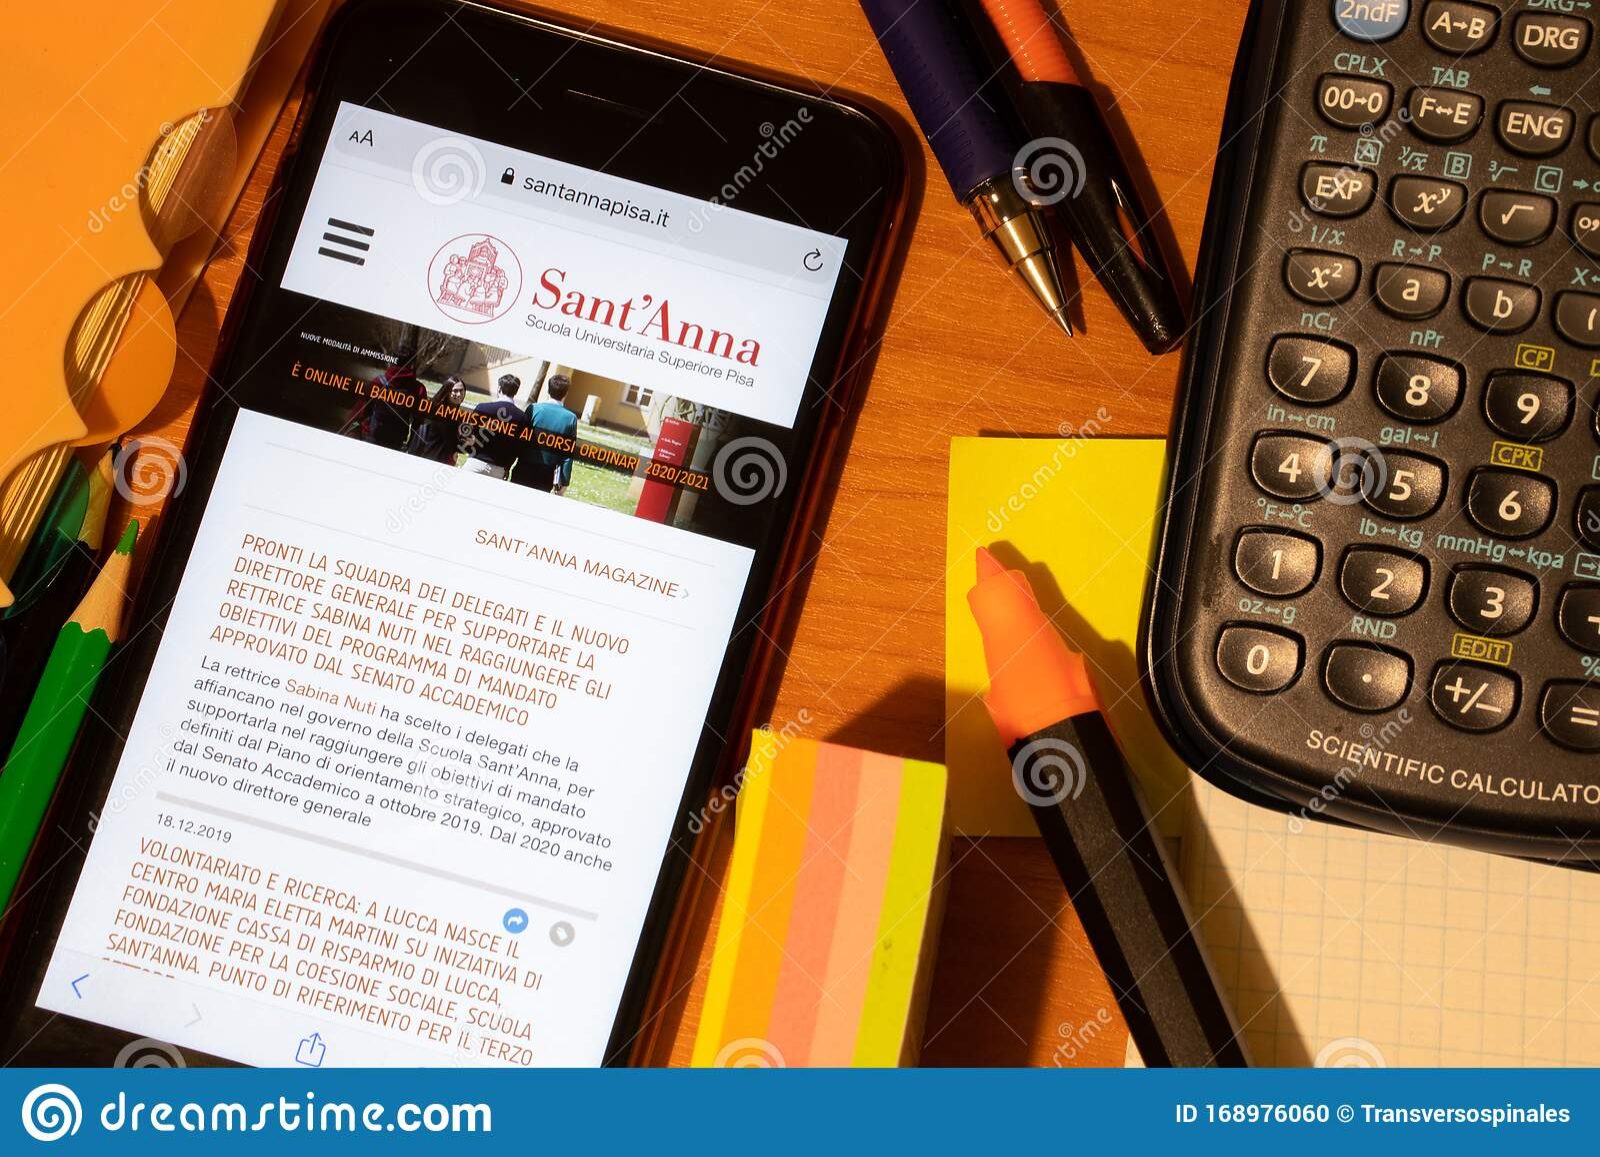 Ricerca Per Immagini Mobile saint-petersburg, russia - 10 january 2020: phone screen